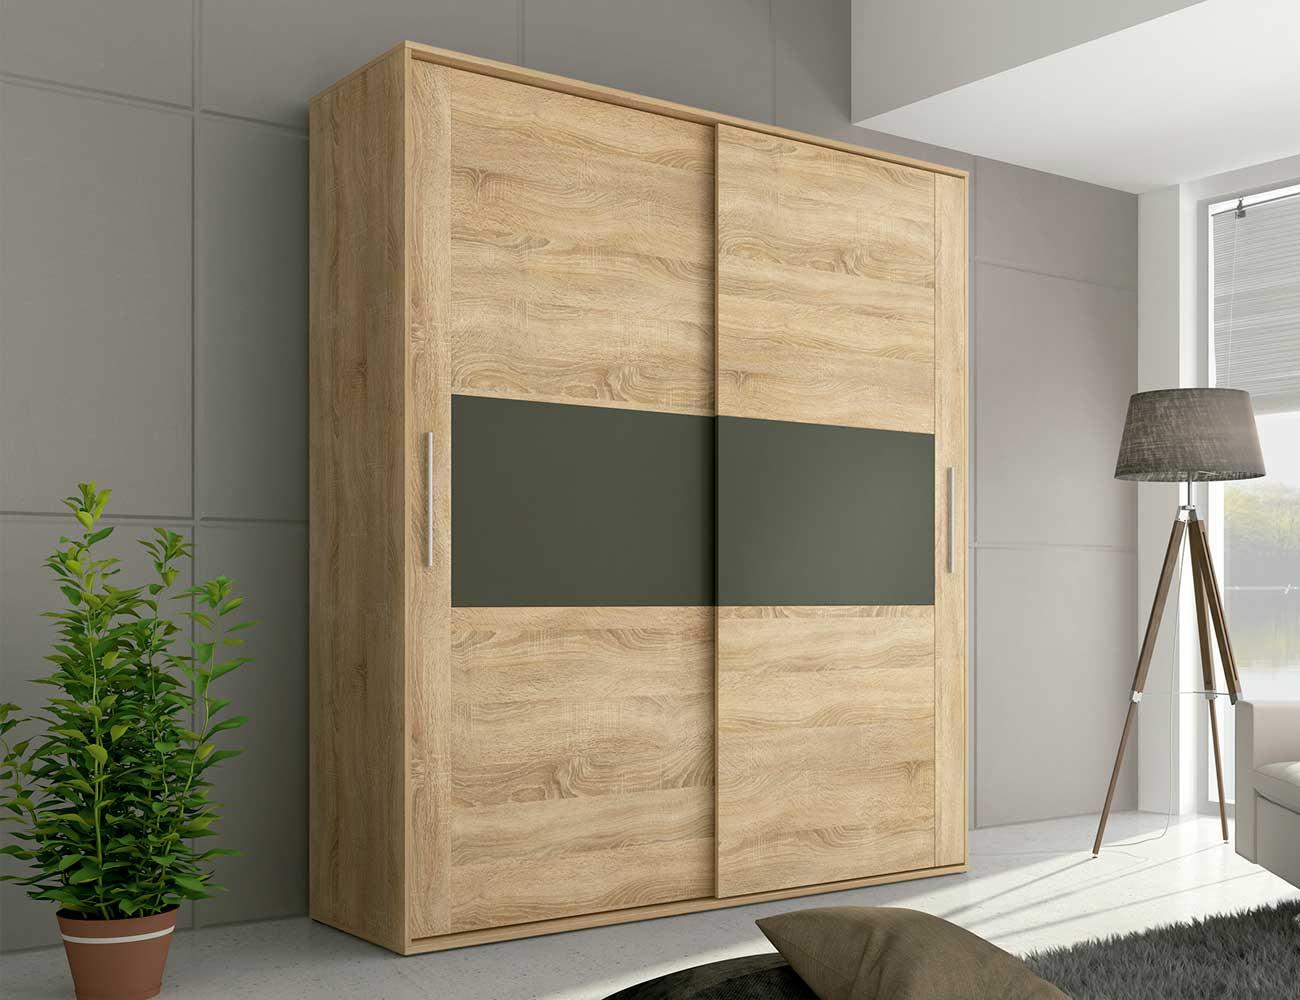 Armario 2 puertas correderas en cambrian con grafito 21534 factory del mueble utrera - Kit puertas correderas armarios ...